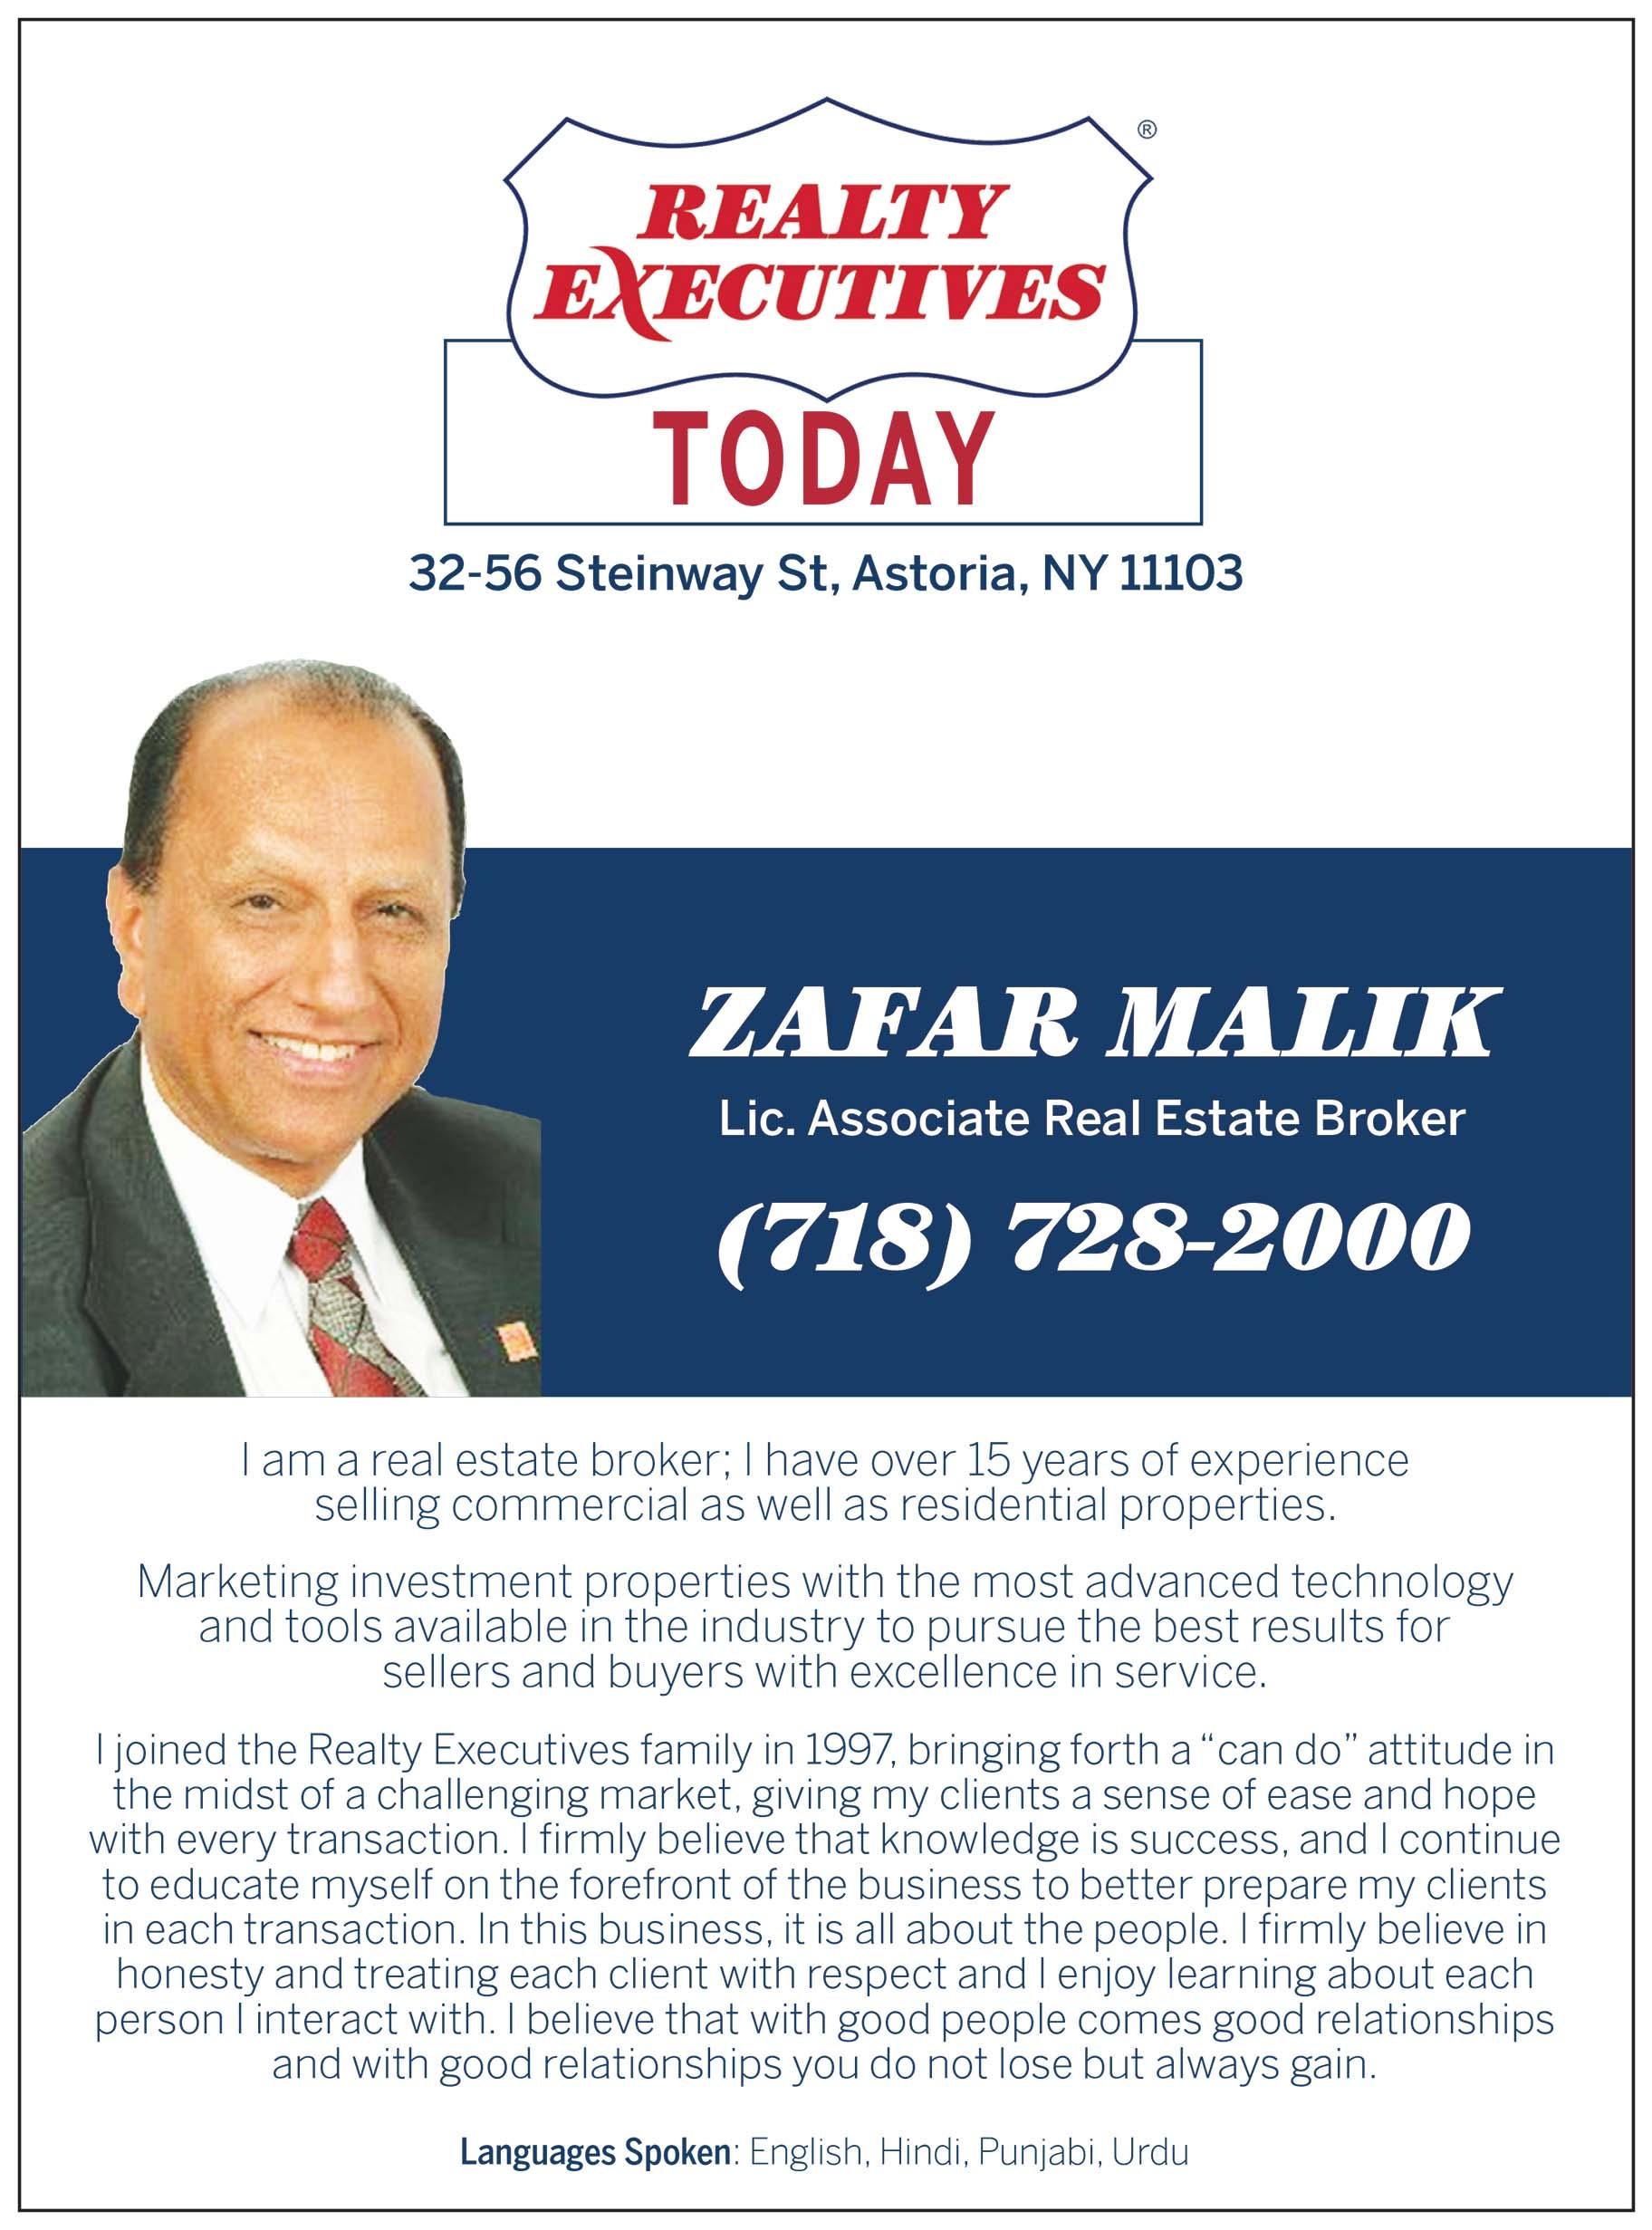 Zafar Malik Realtor Ad